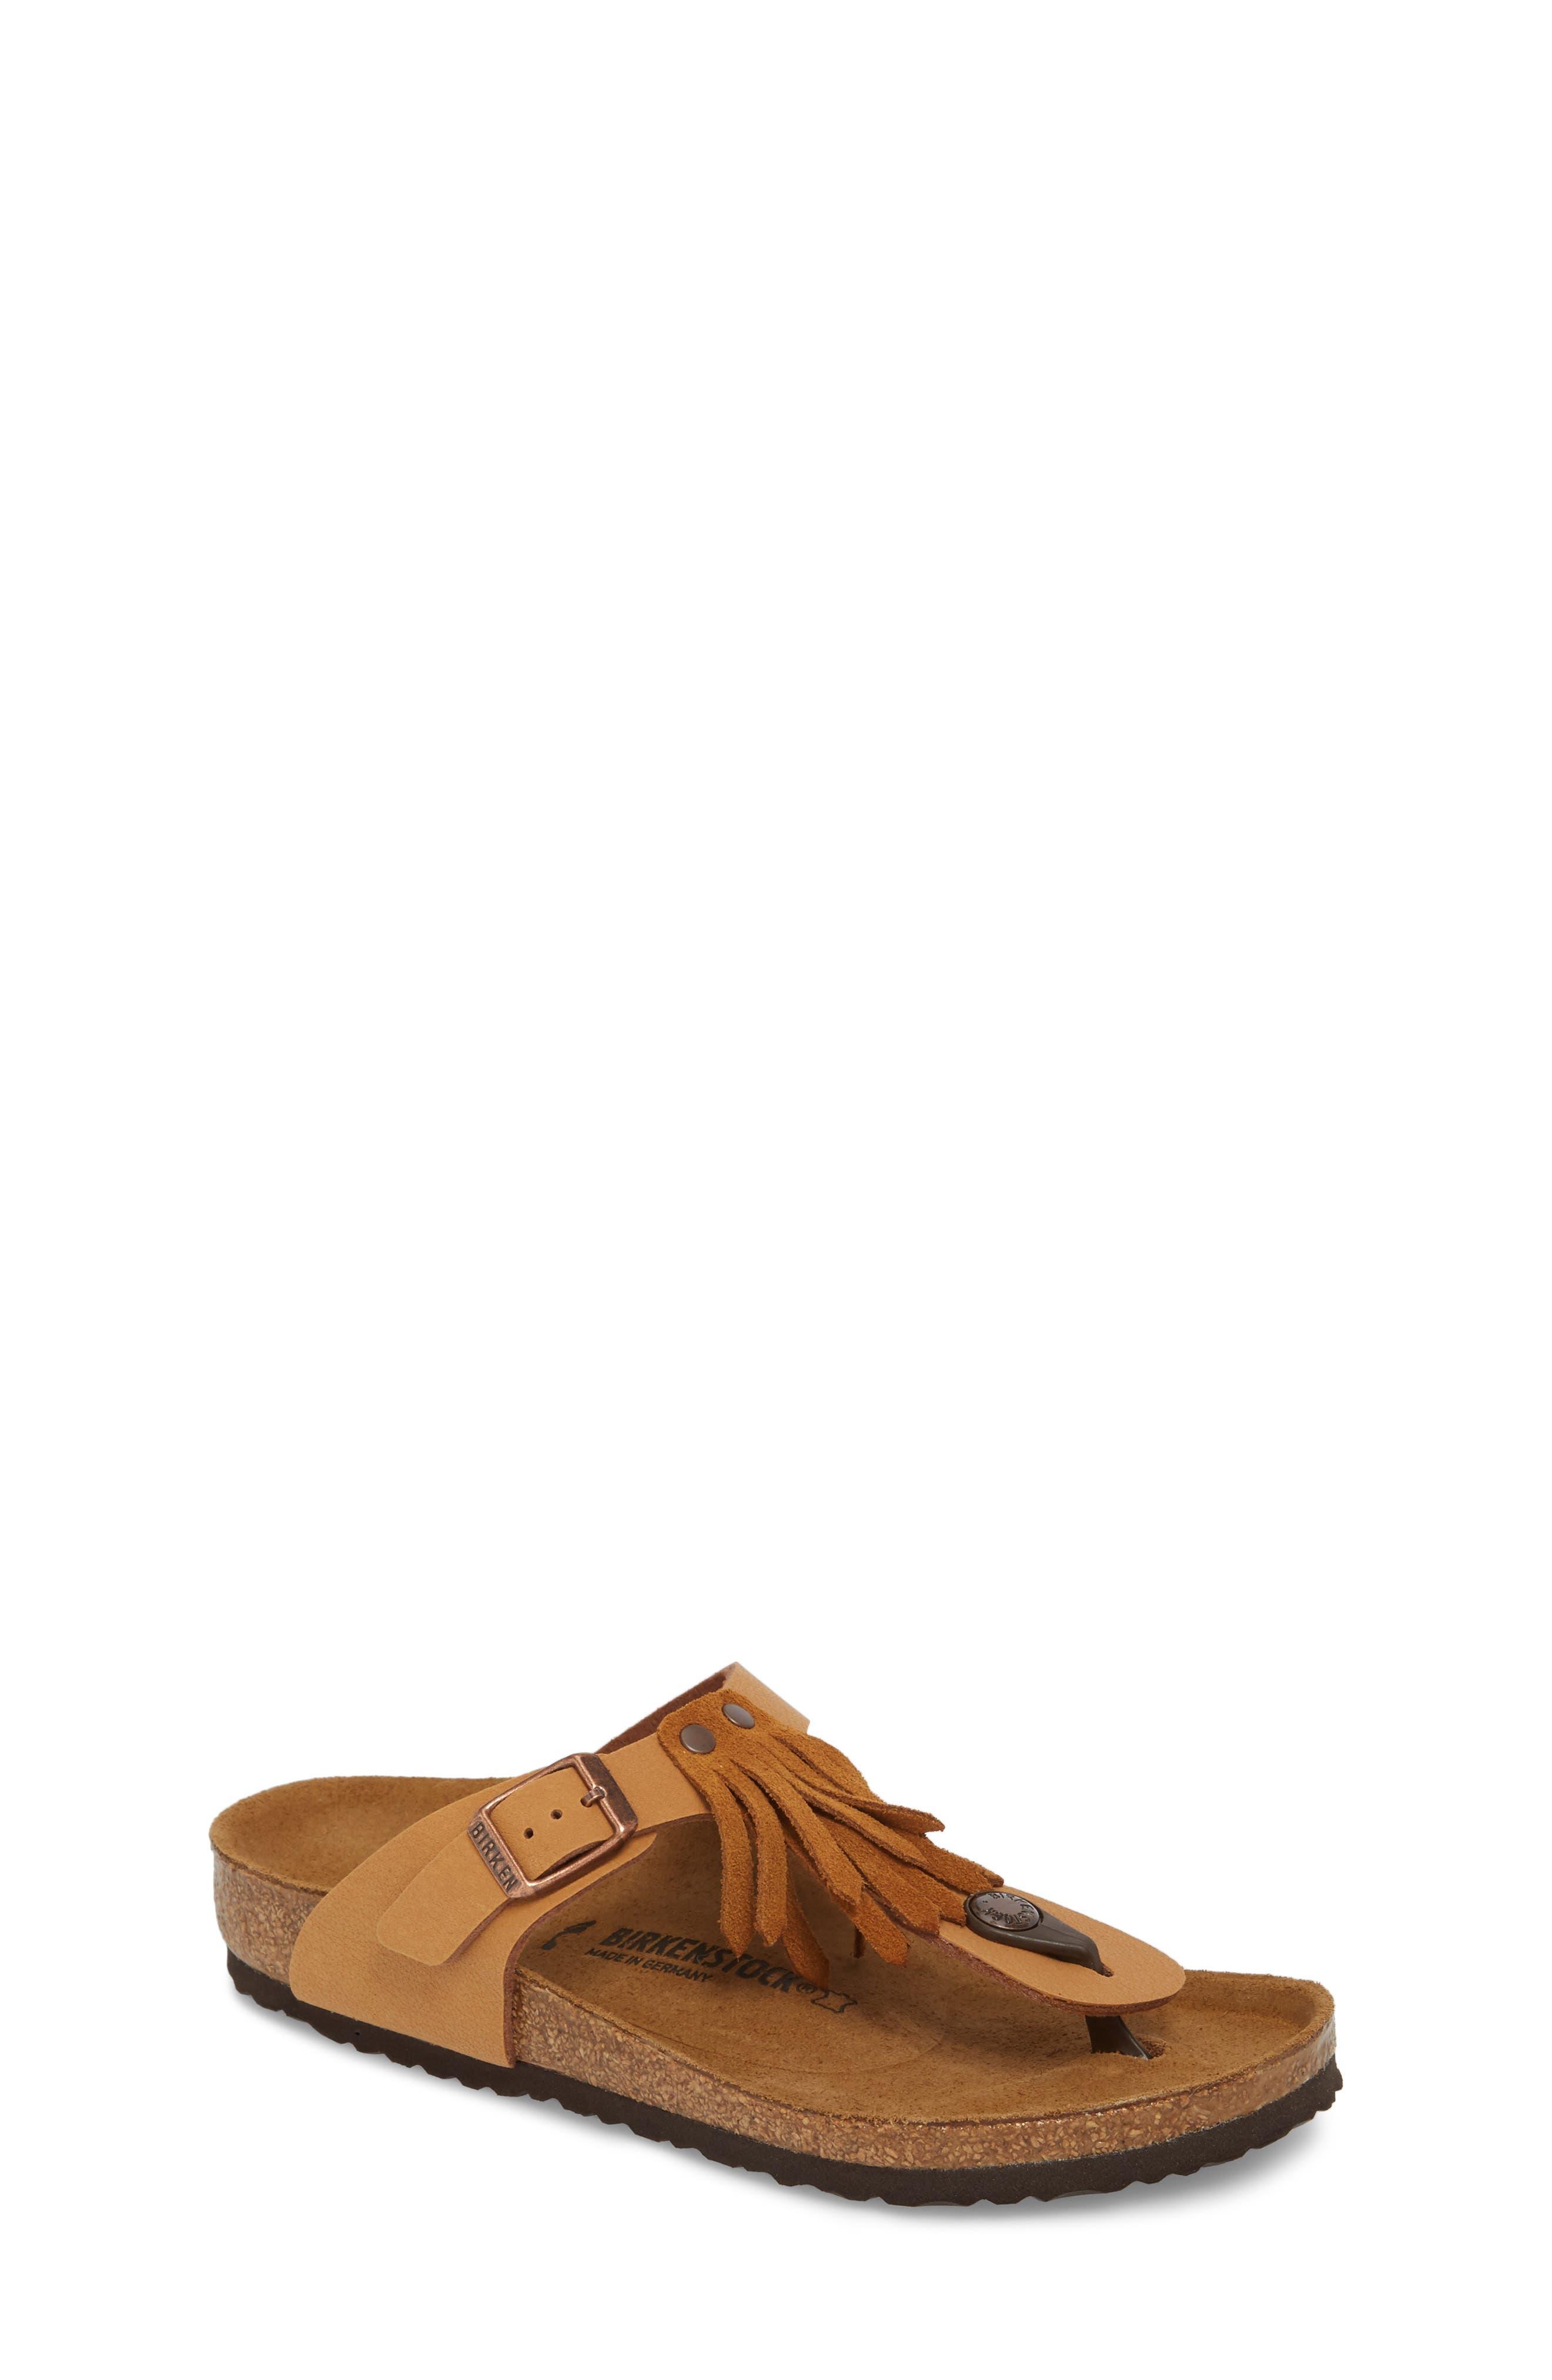 Gizeh Fringe Sandal,                             Main thumbnail 1, color,                             200